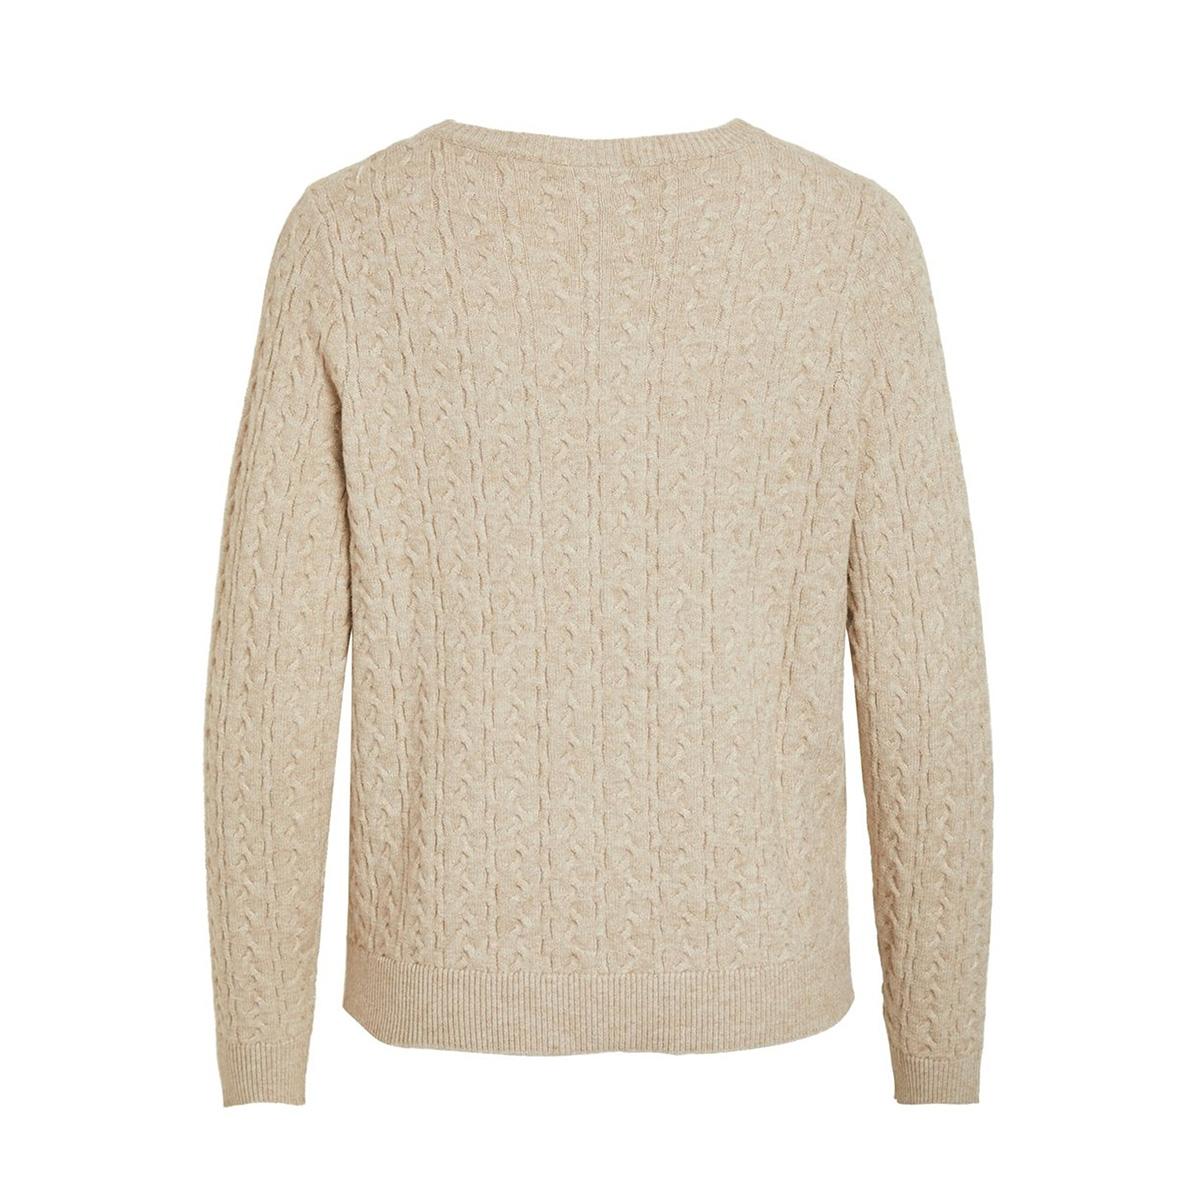 viril knit l/s cable cardigan 14053657 vila vest naturel melange